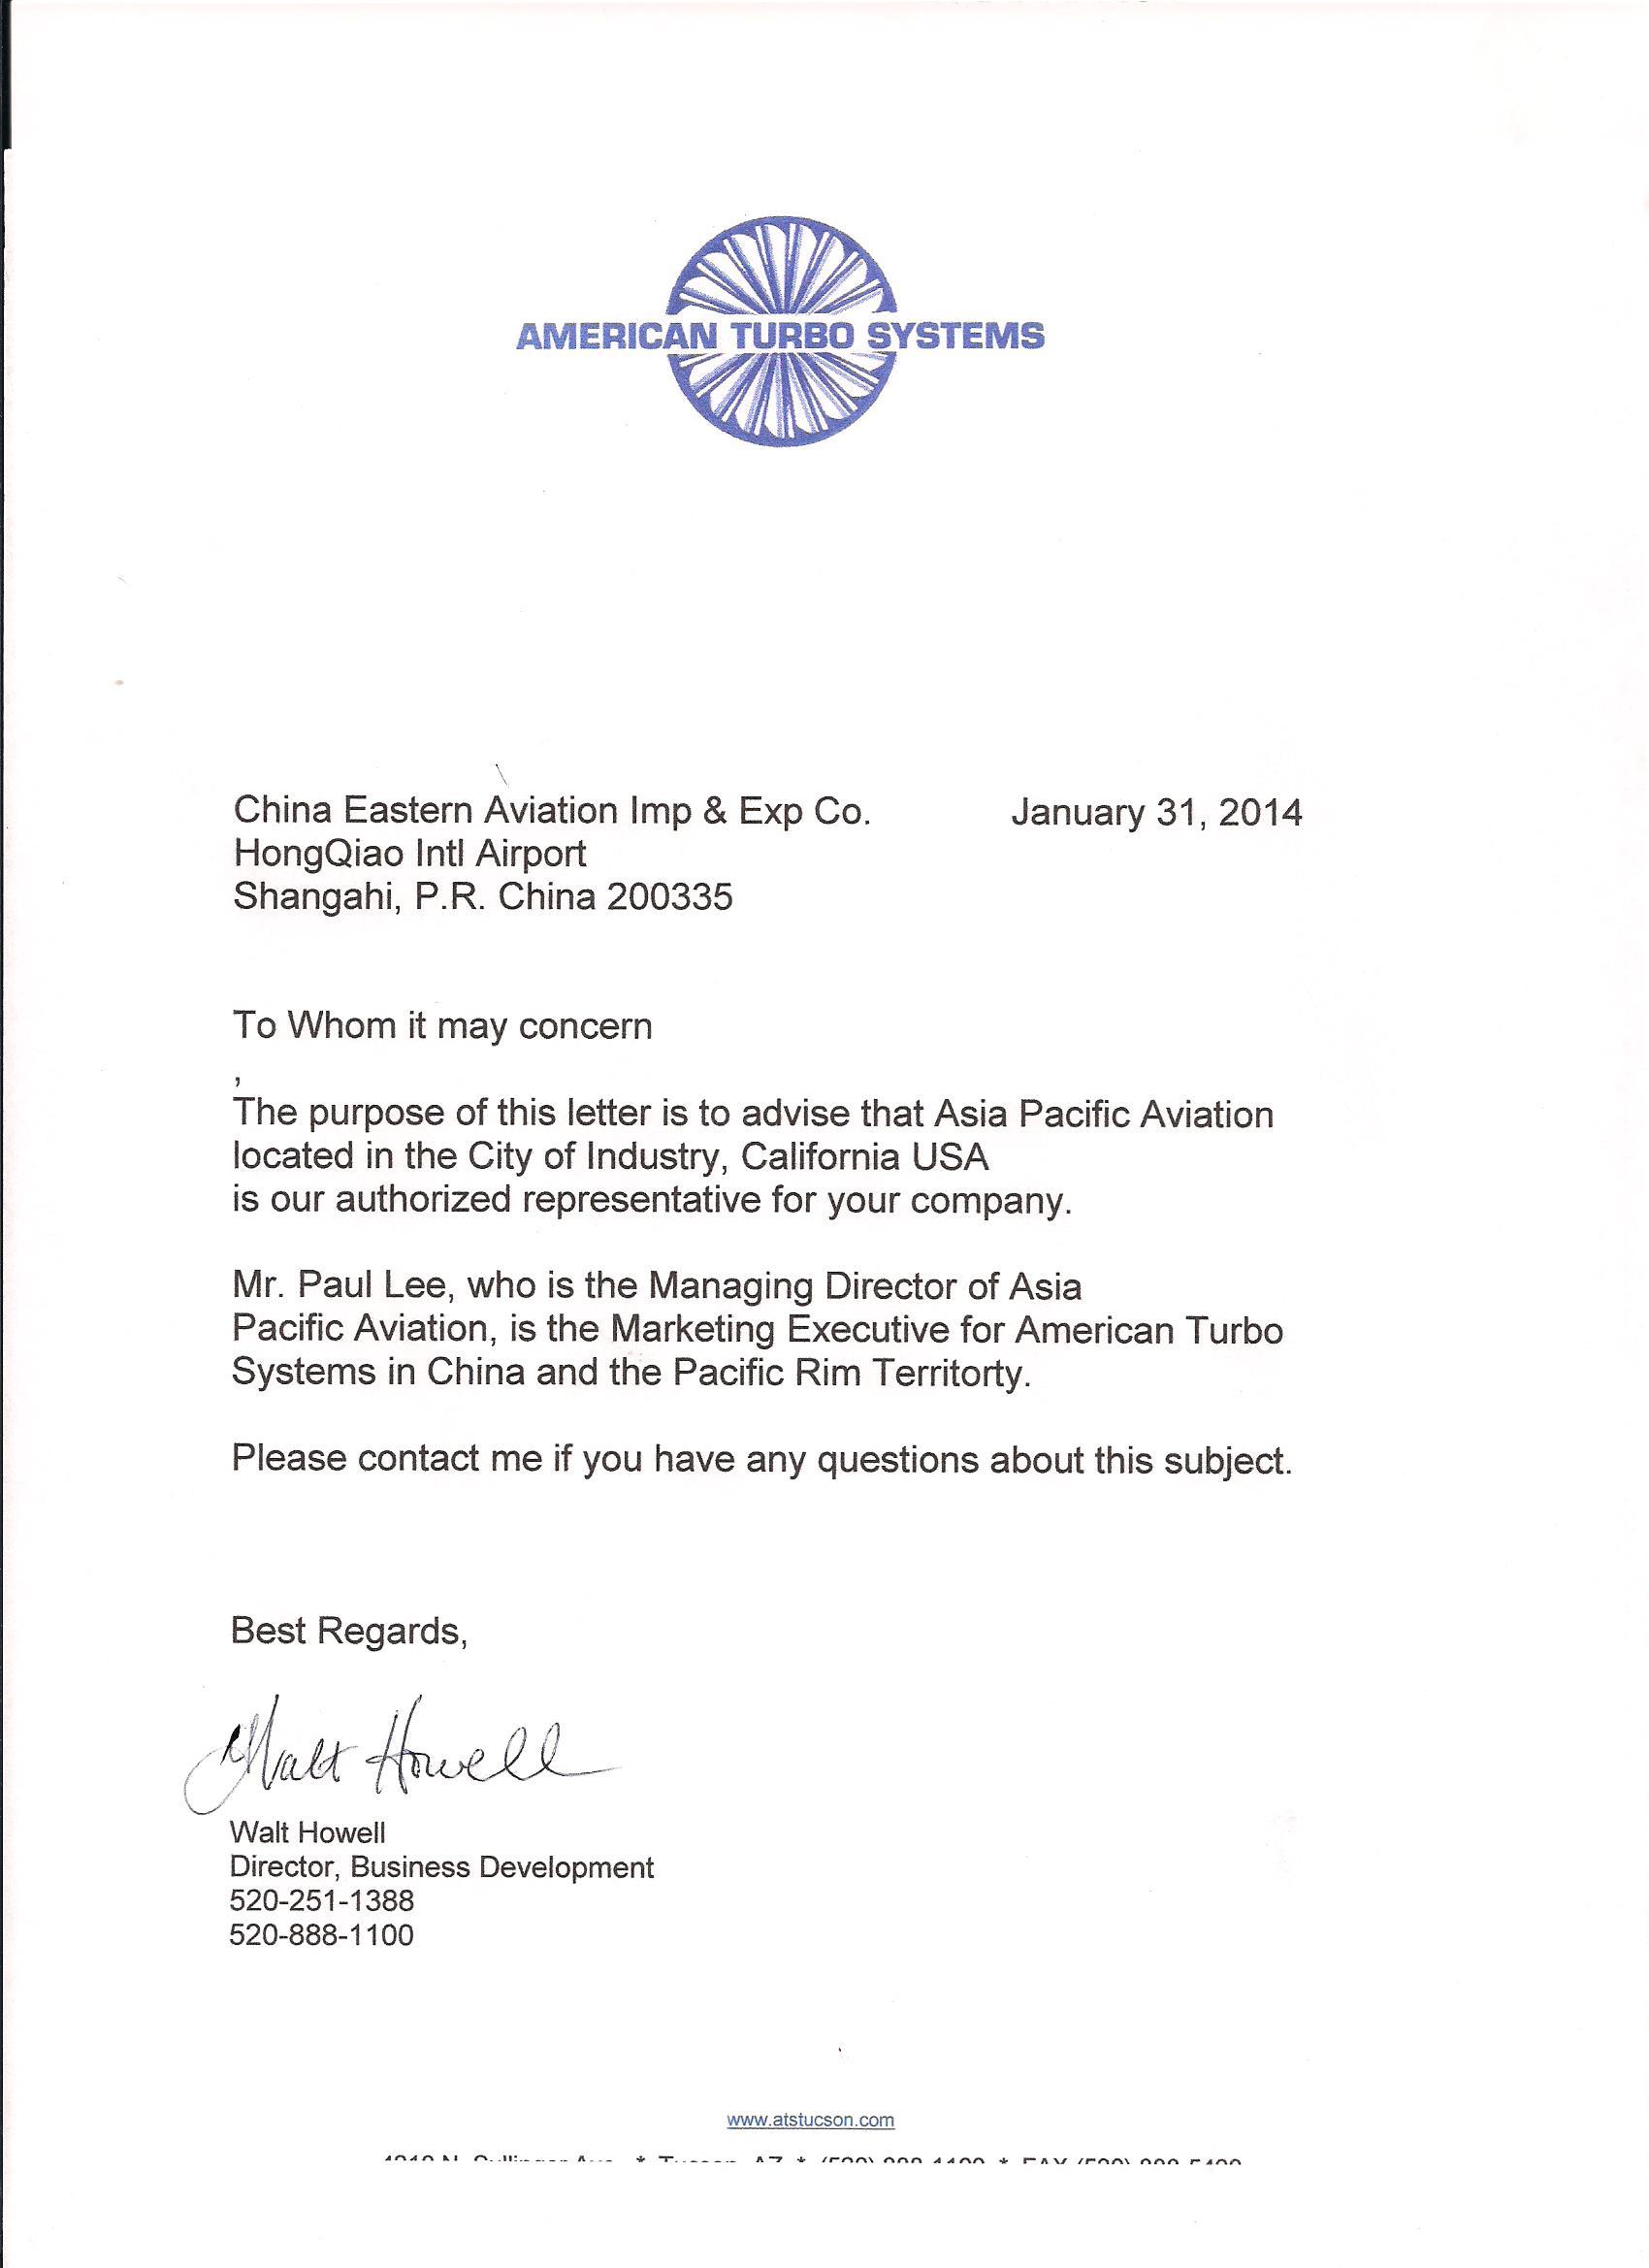 Authorized representative letter limarinemania authorized representative letter altavistaventures Images